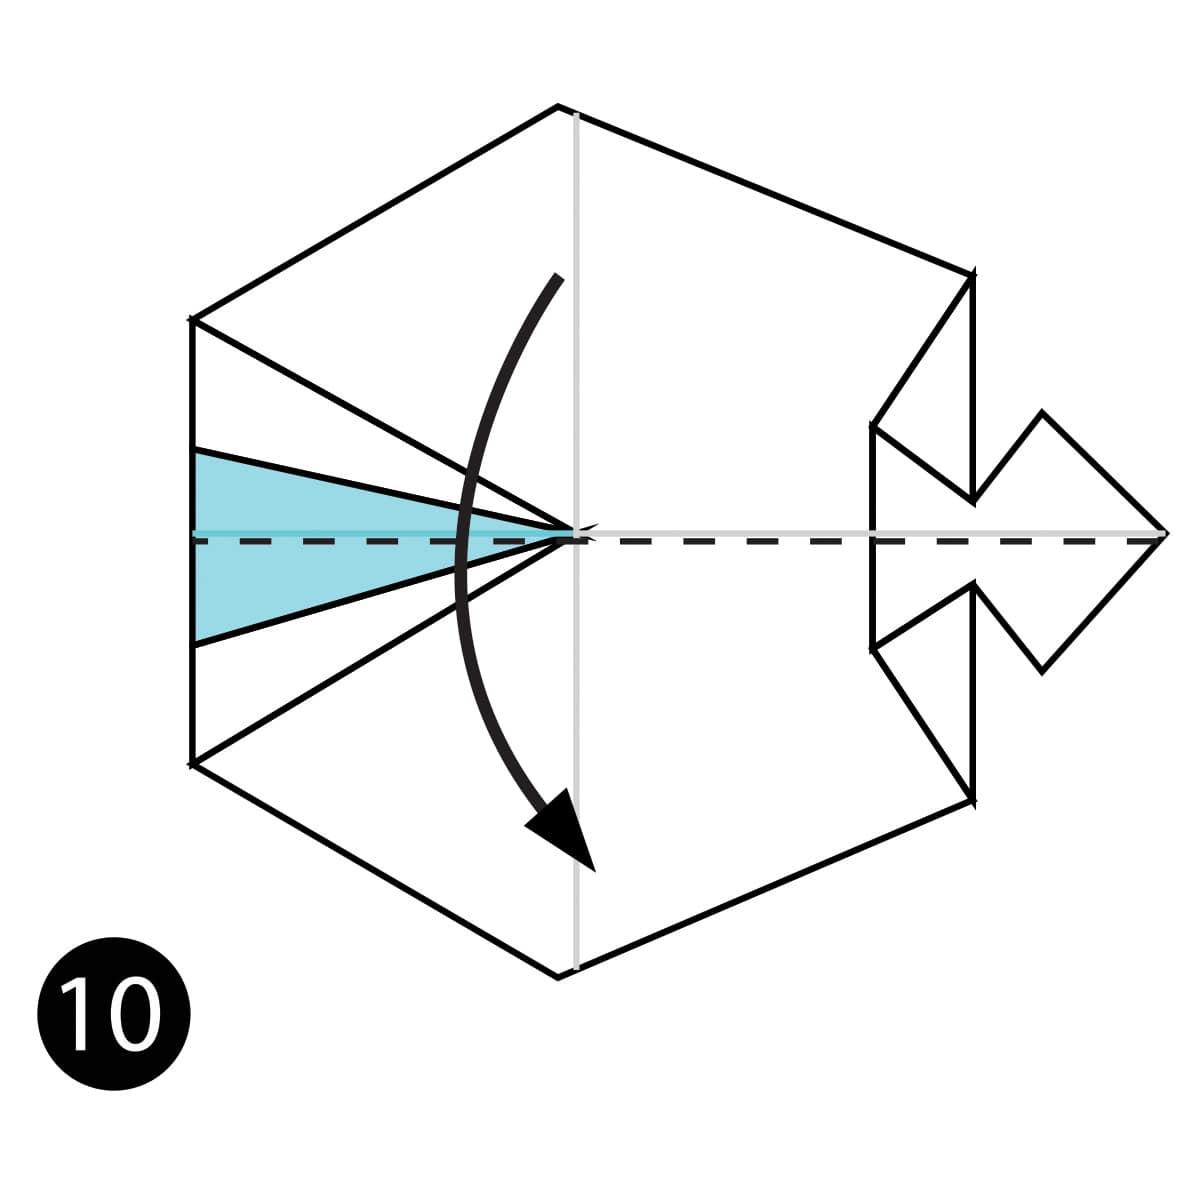 Blowfish Step 10